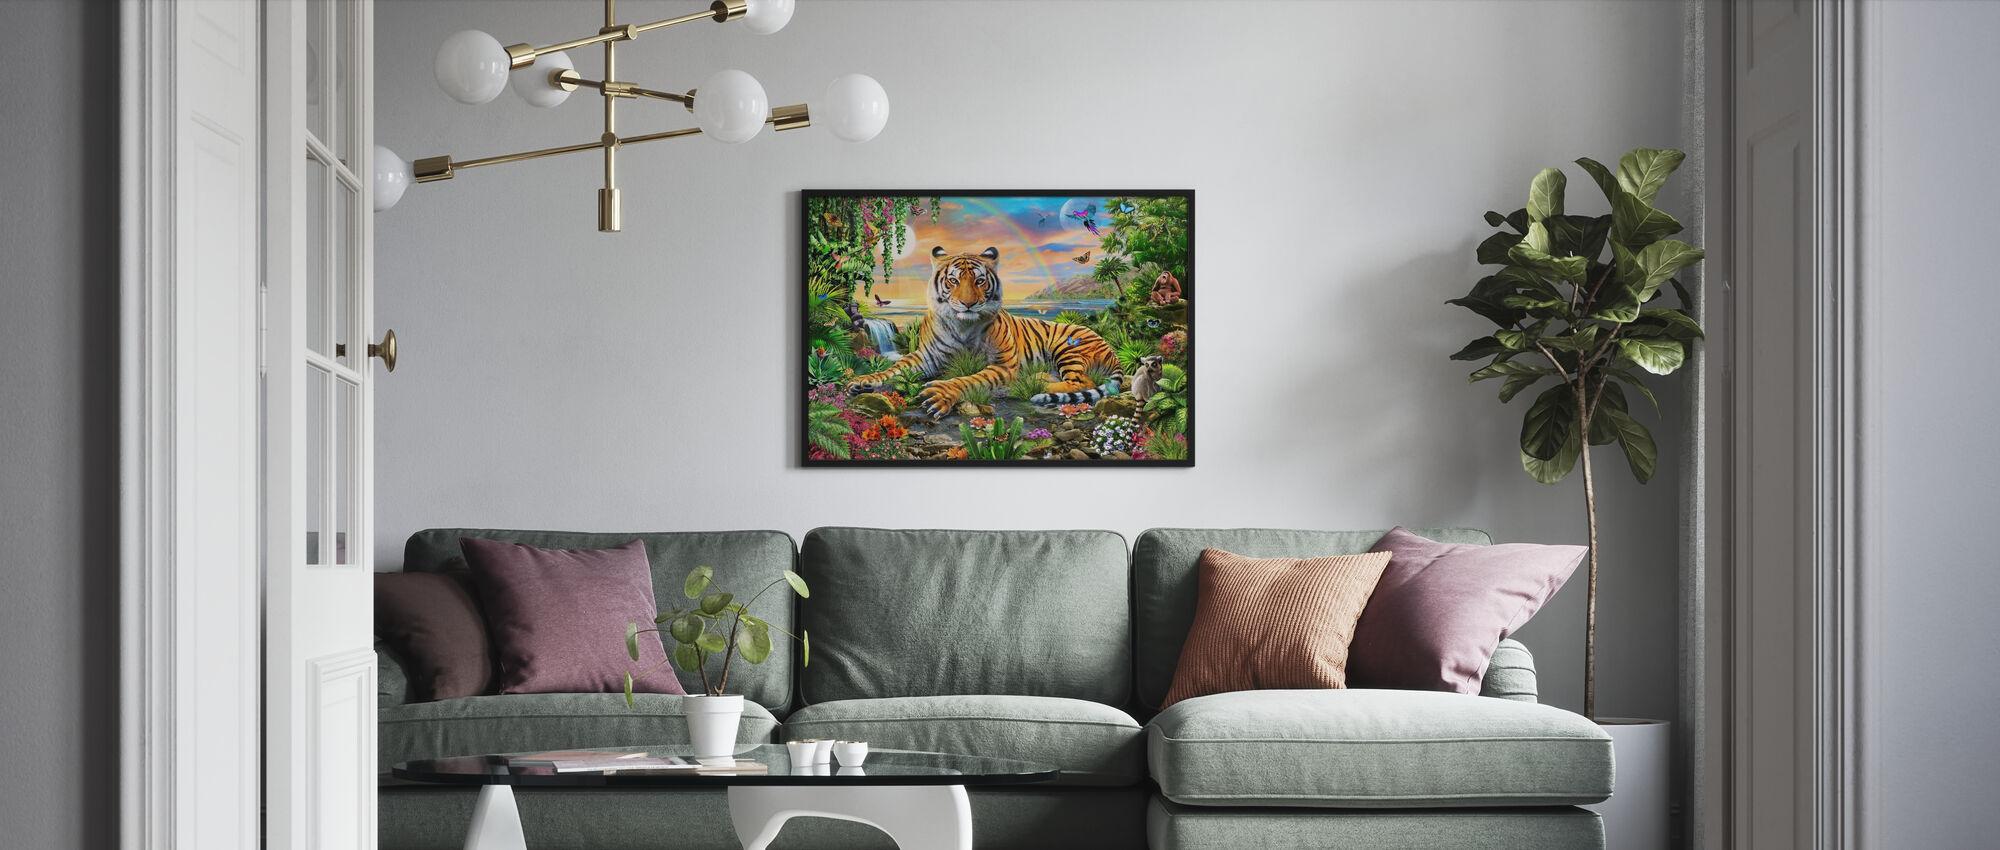 Koning van de jungle - Ingelijste print - Woonkamer